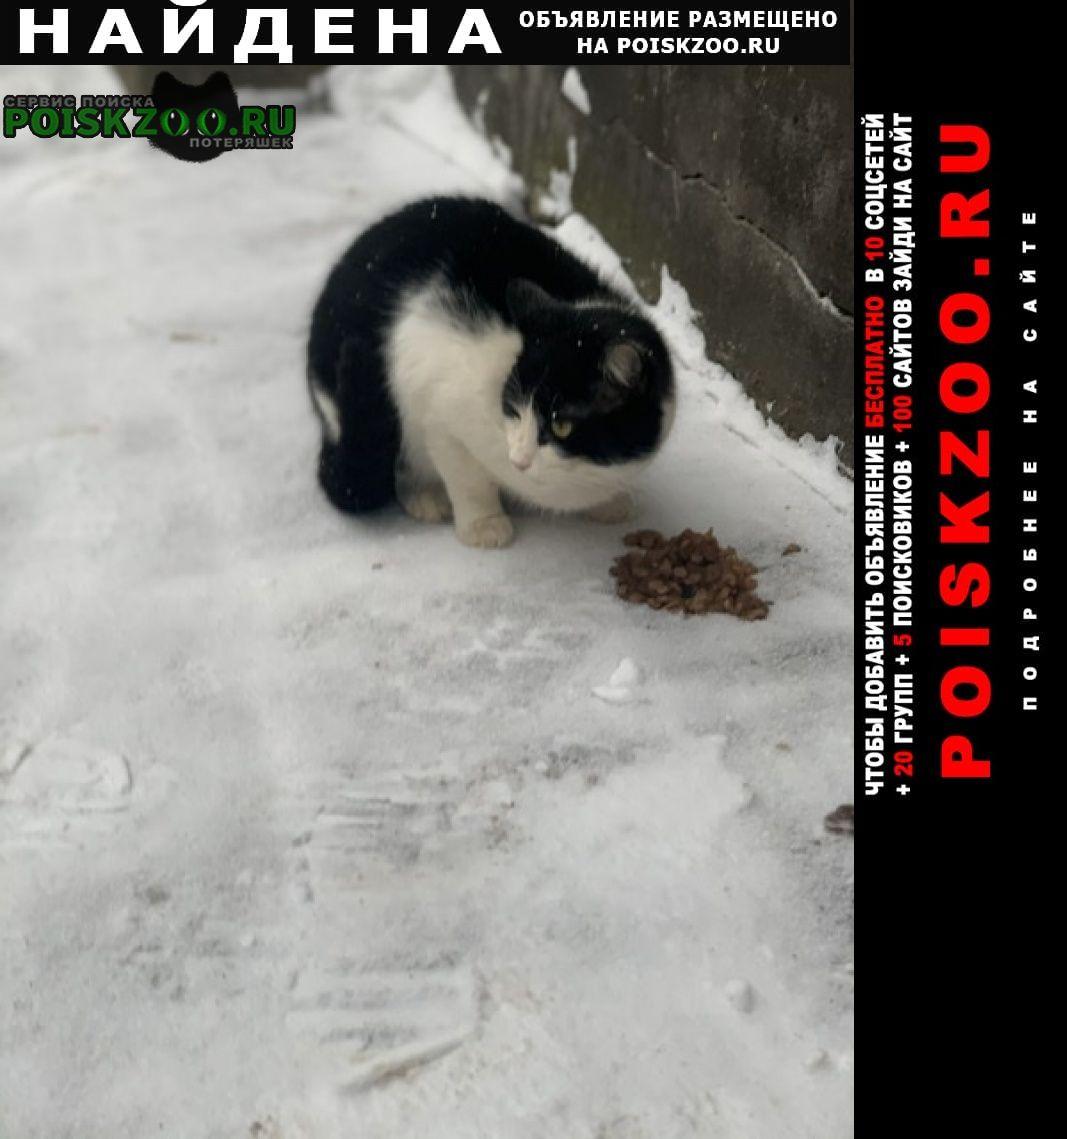 Найдена кошка (кот) Истра